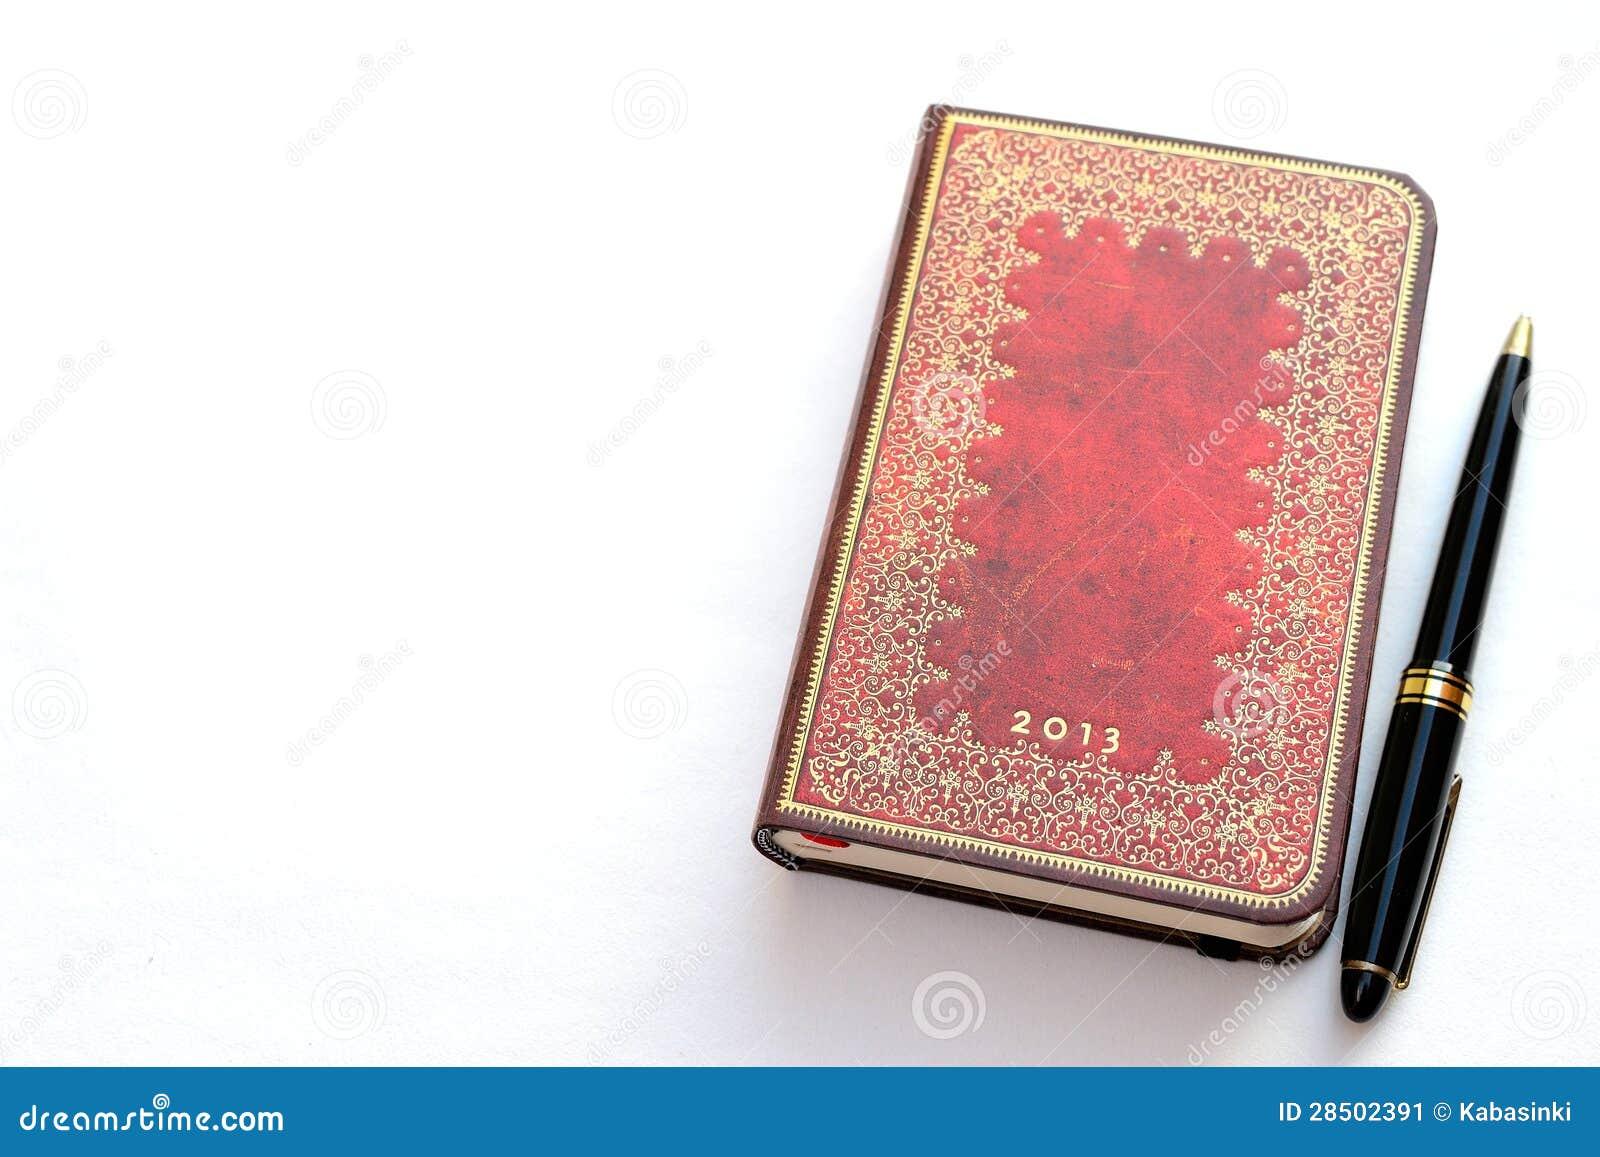 kalender und notizbuch des luxus 2013 mit einem stift stockbild bild 28502391. Black Bedroom Furniture Sets. Home Design Ideas